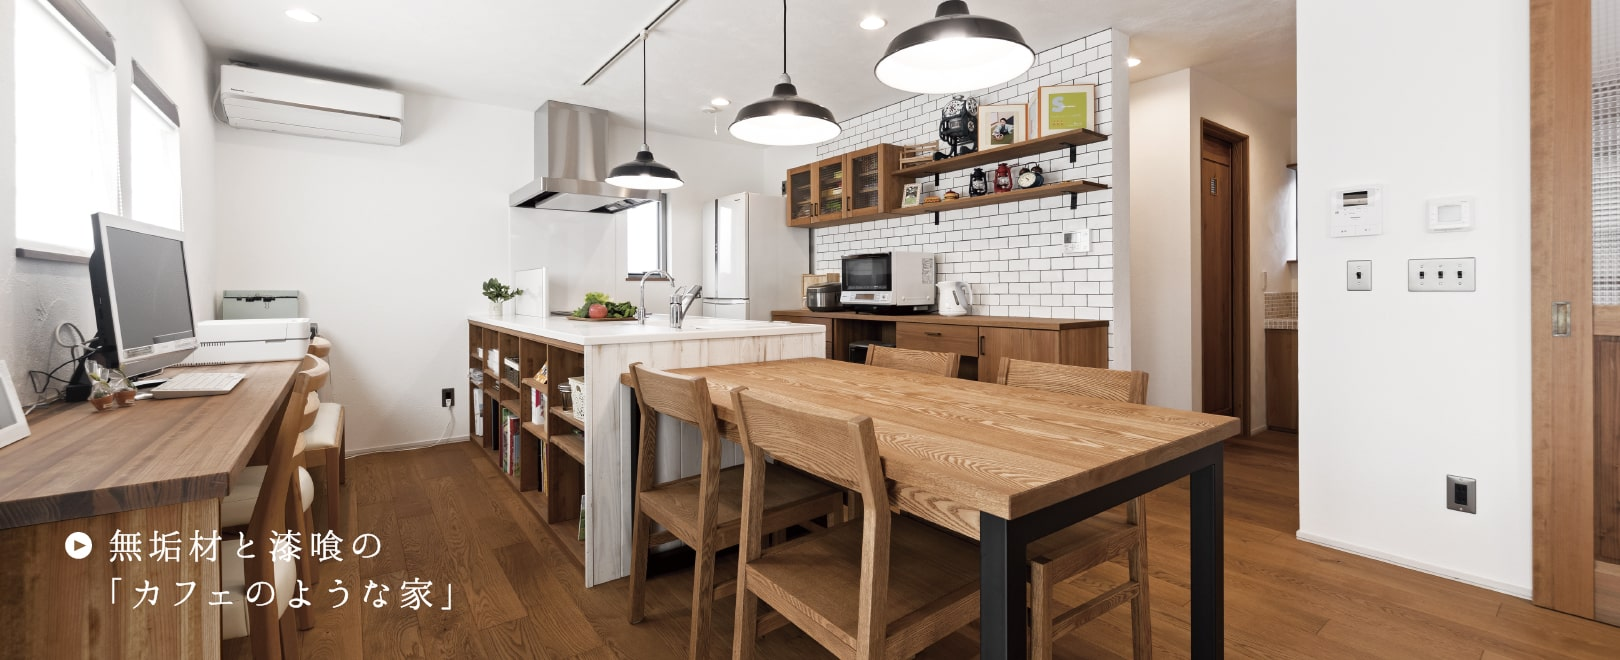 家具・建具もオーダーできる自然素材の家(工務店、無垢ストーリーの施工写真)